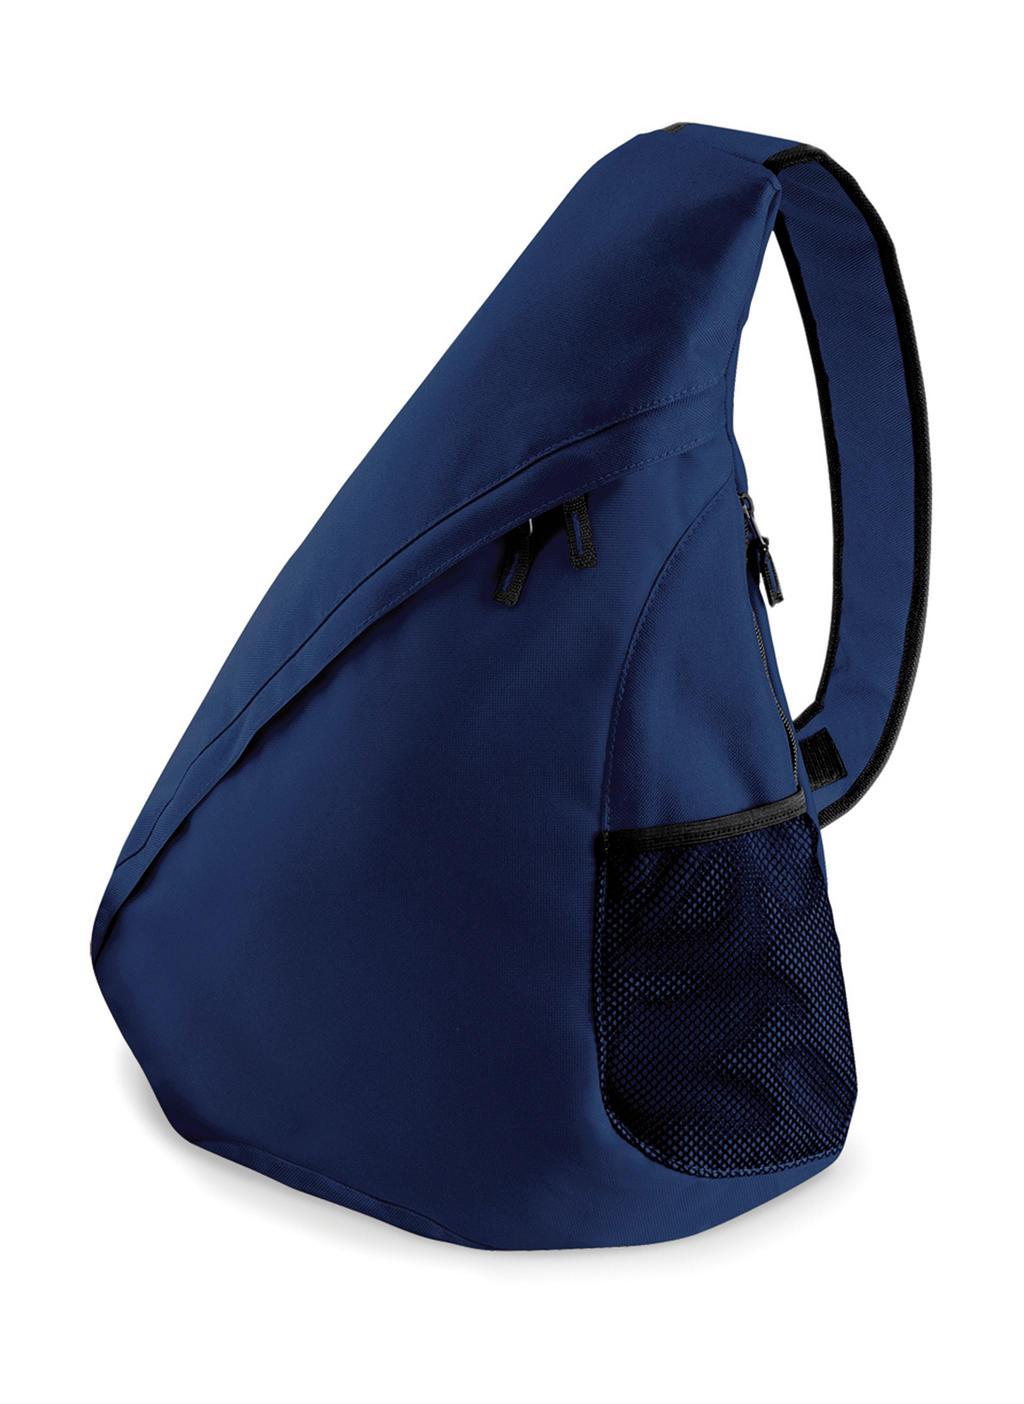 Plecak uniwersalny na jedno ramię